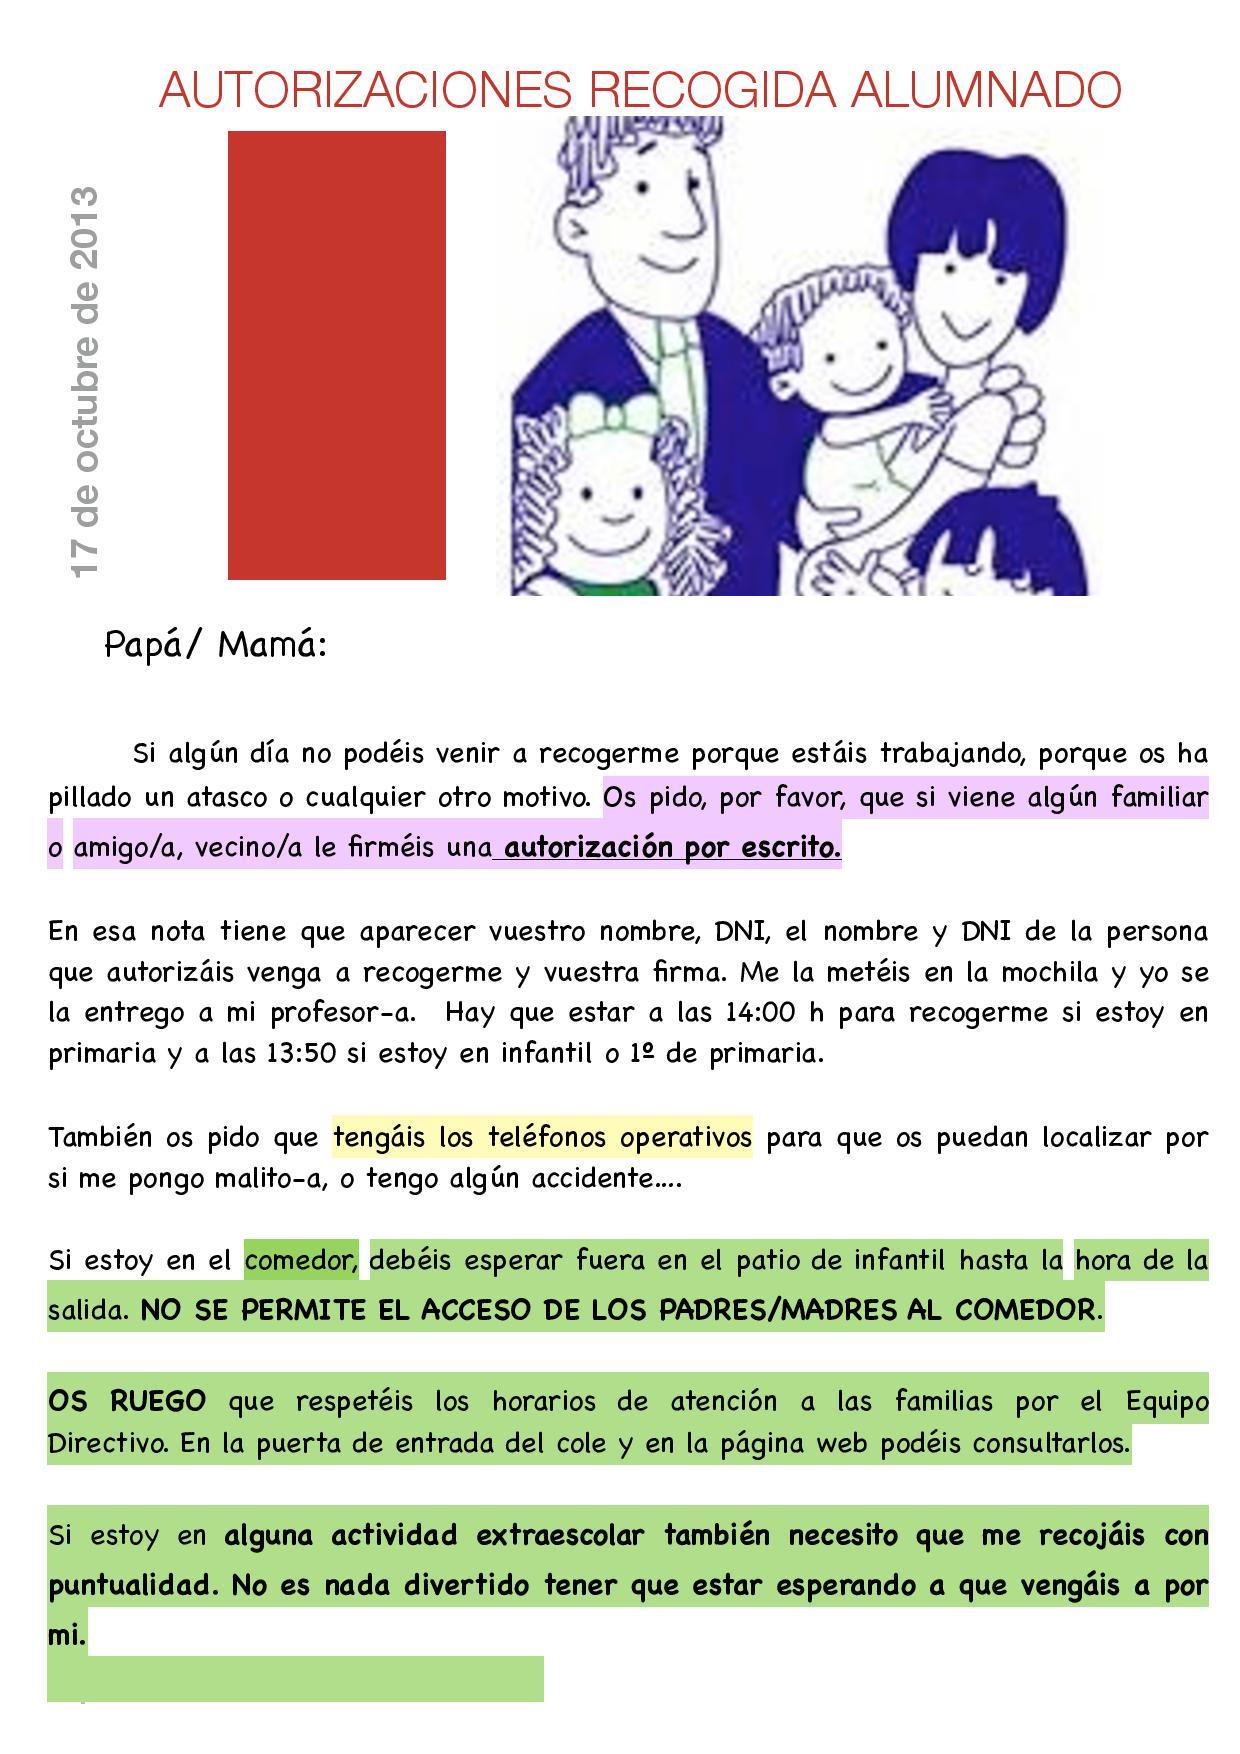 autorizaciones recogida alumnado